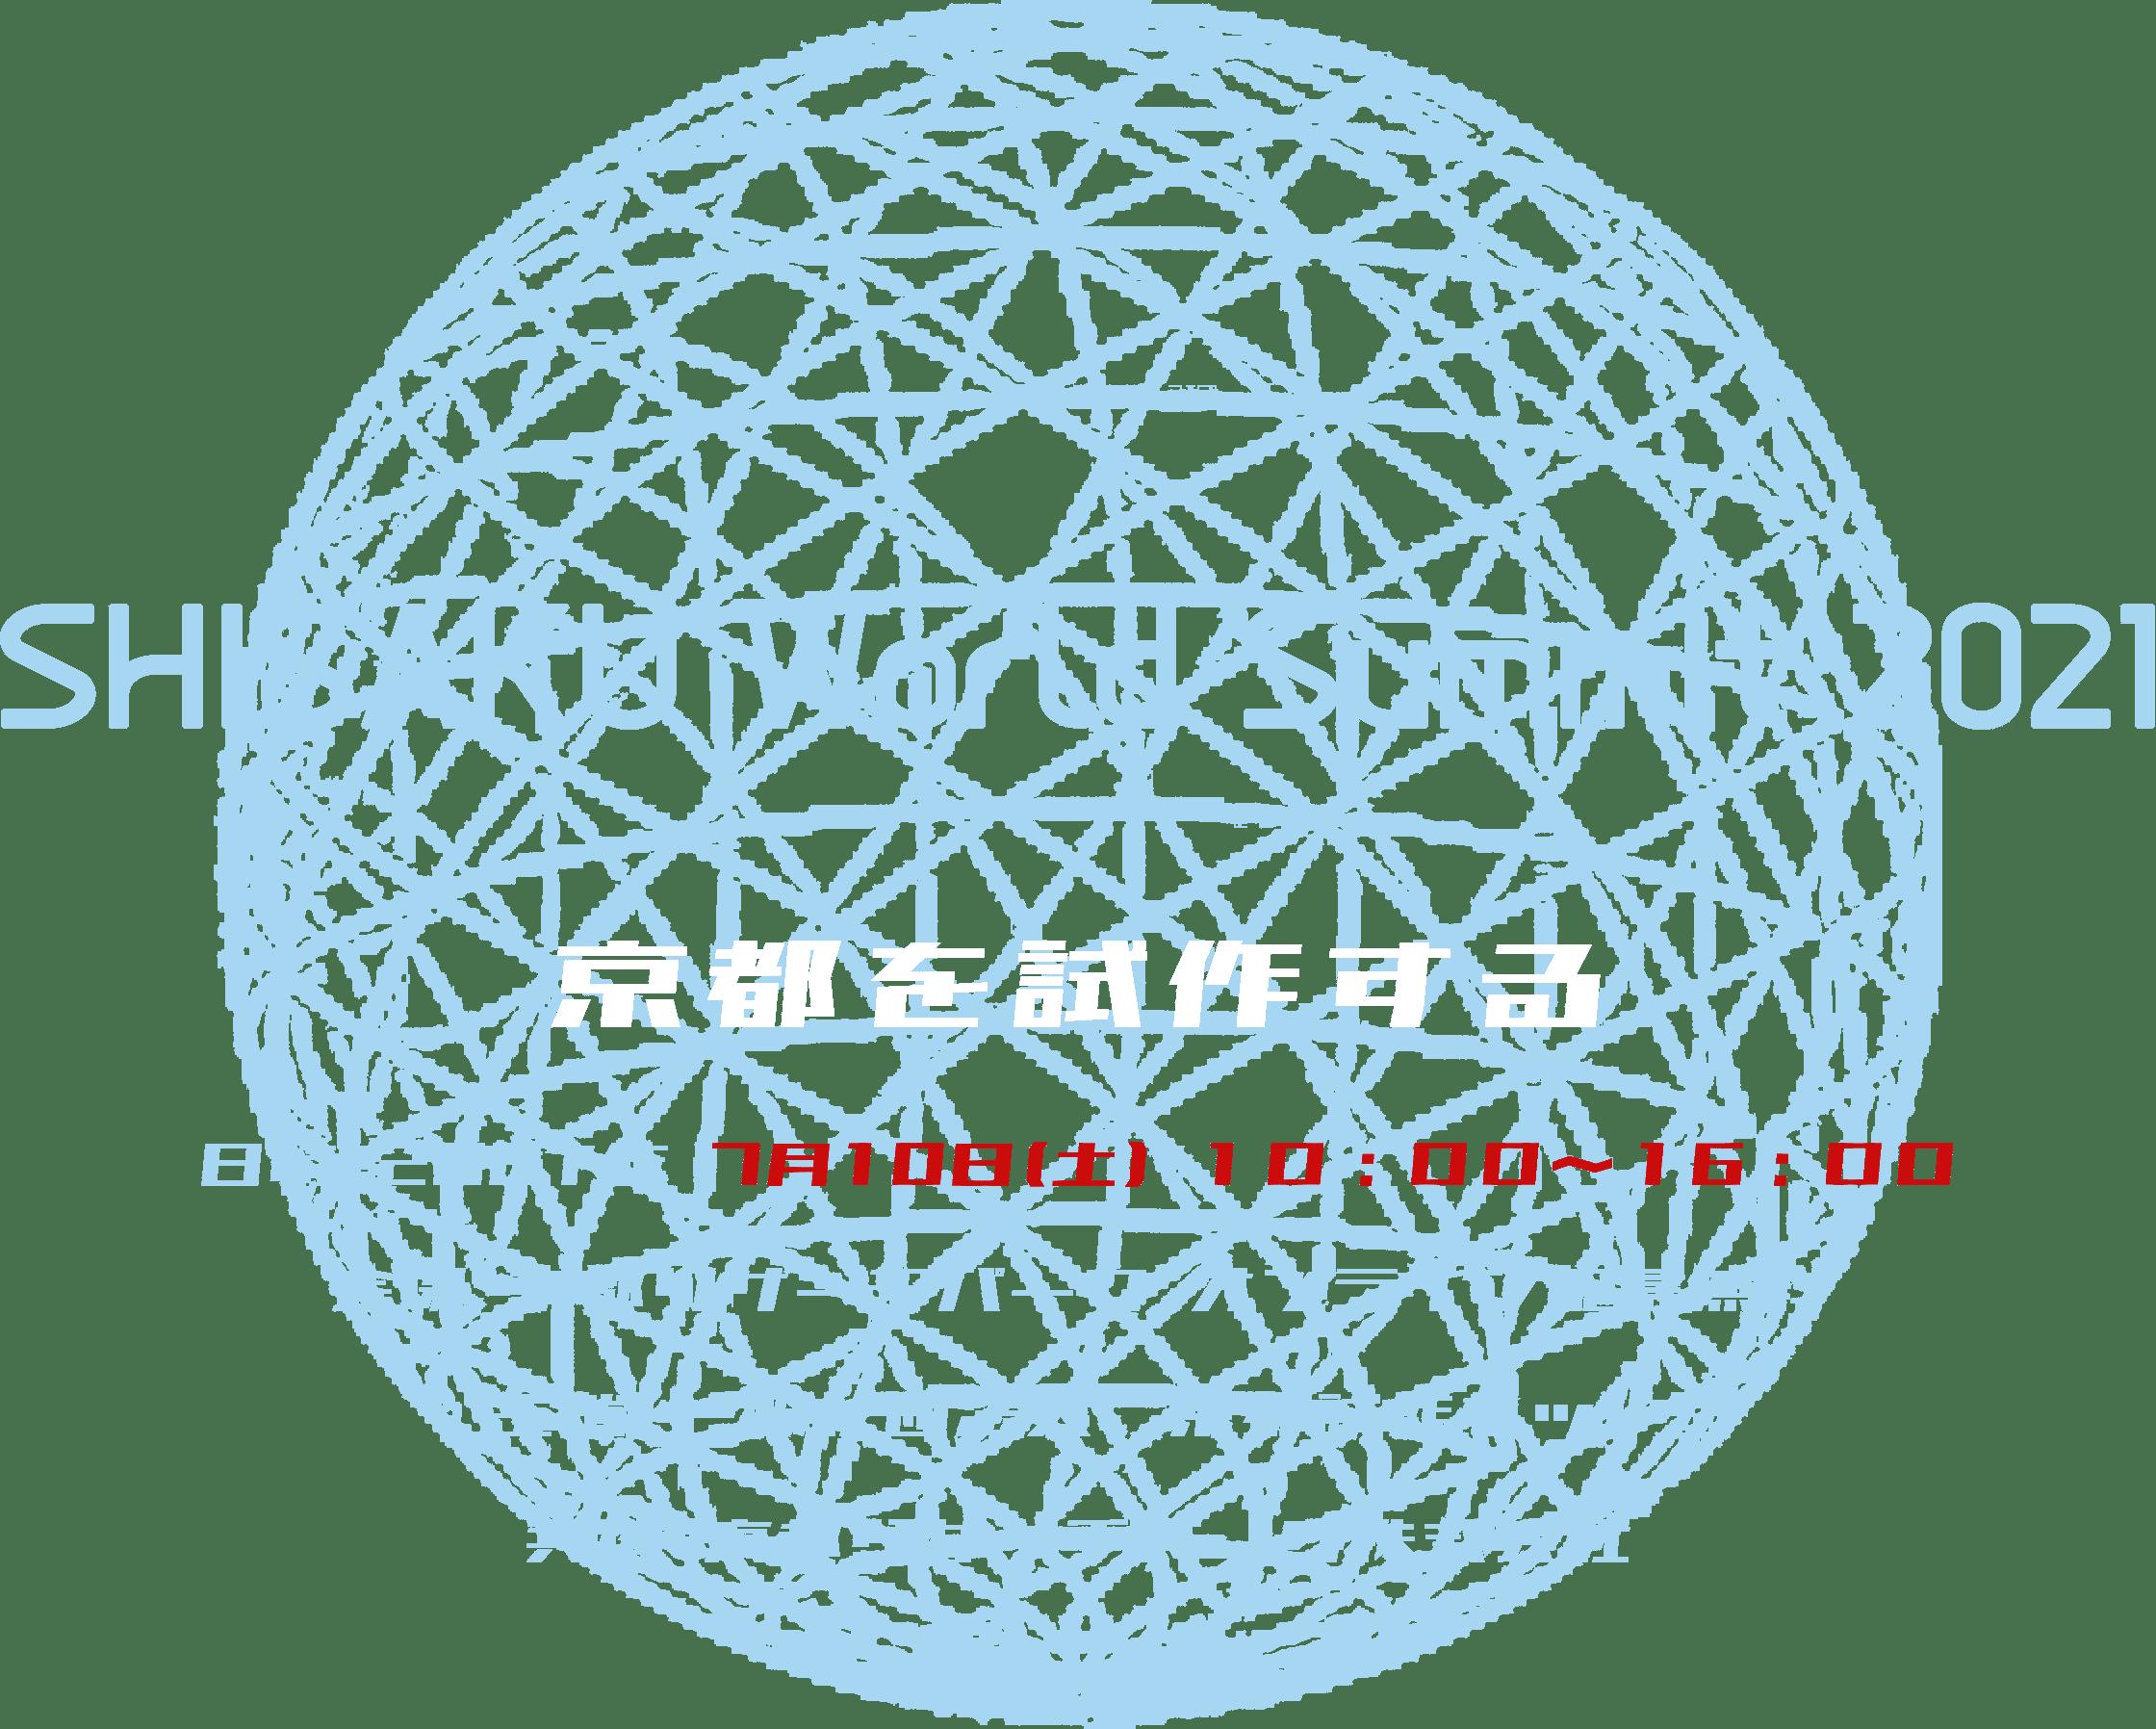 SHISAKU World Summit 2021